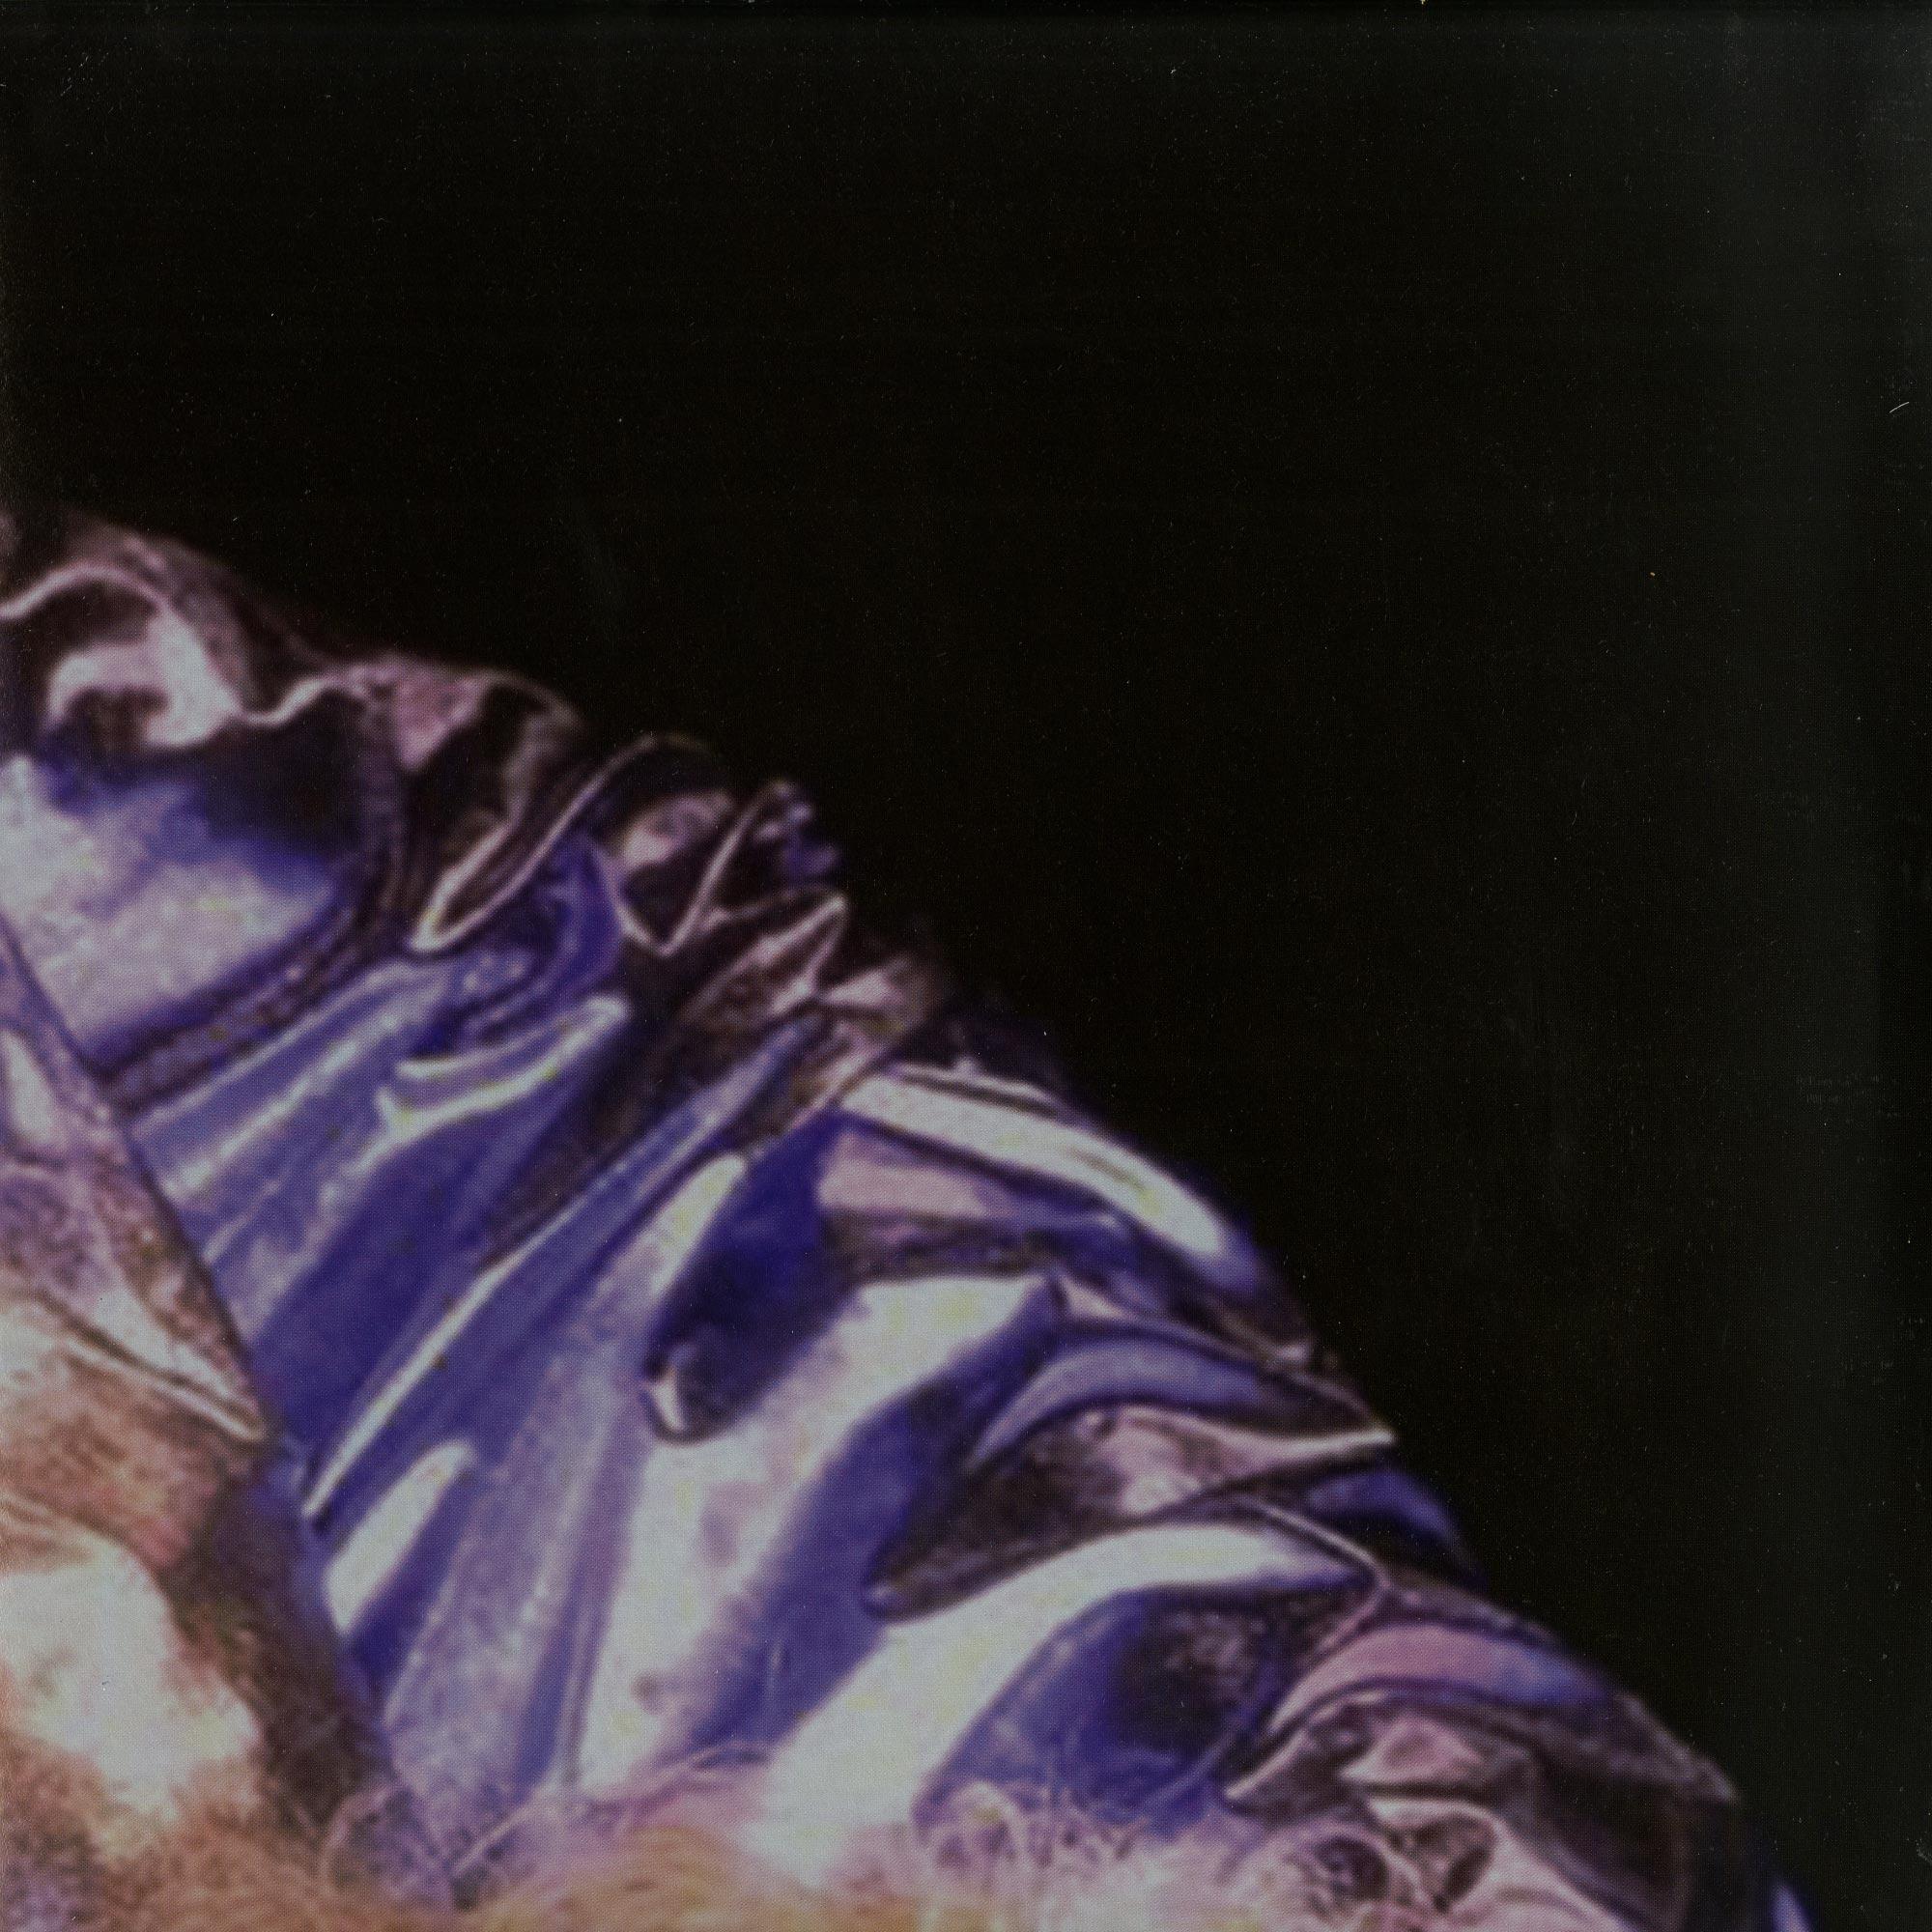 Ron Jason / Kim Ann Foxman - THE DREAM PROJECT EP